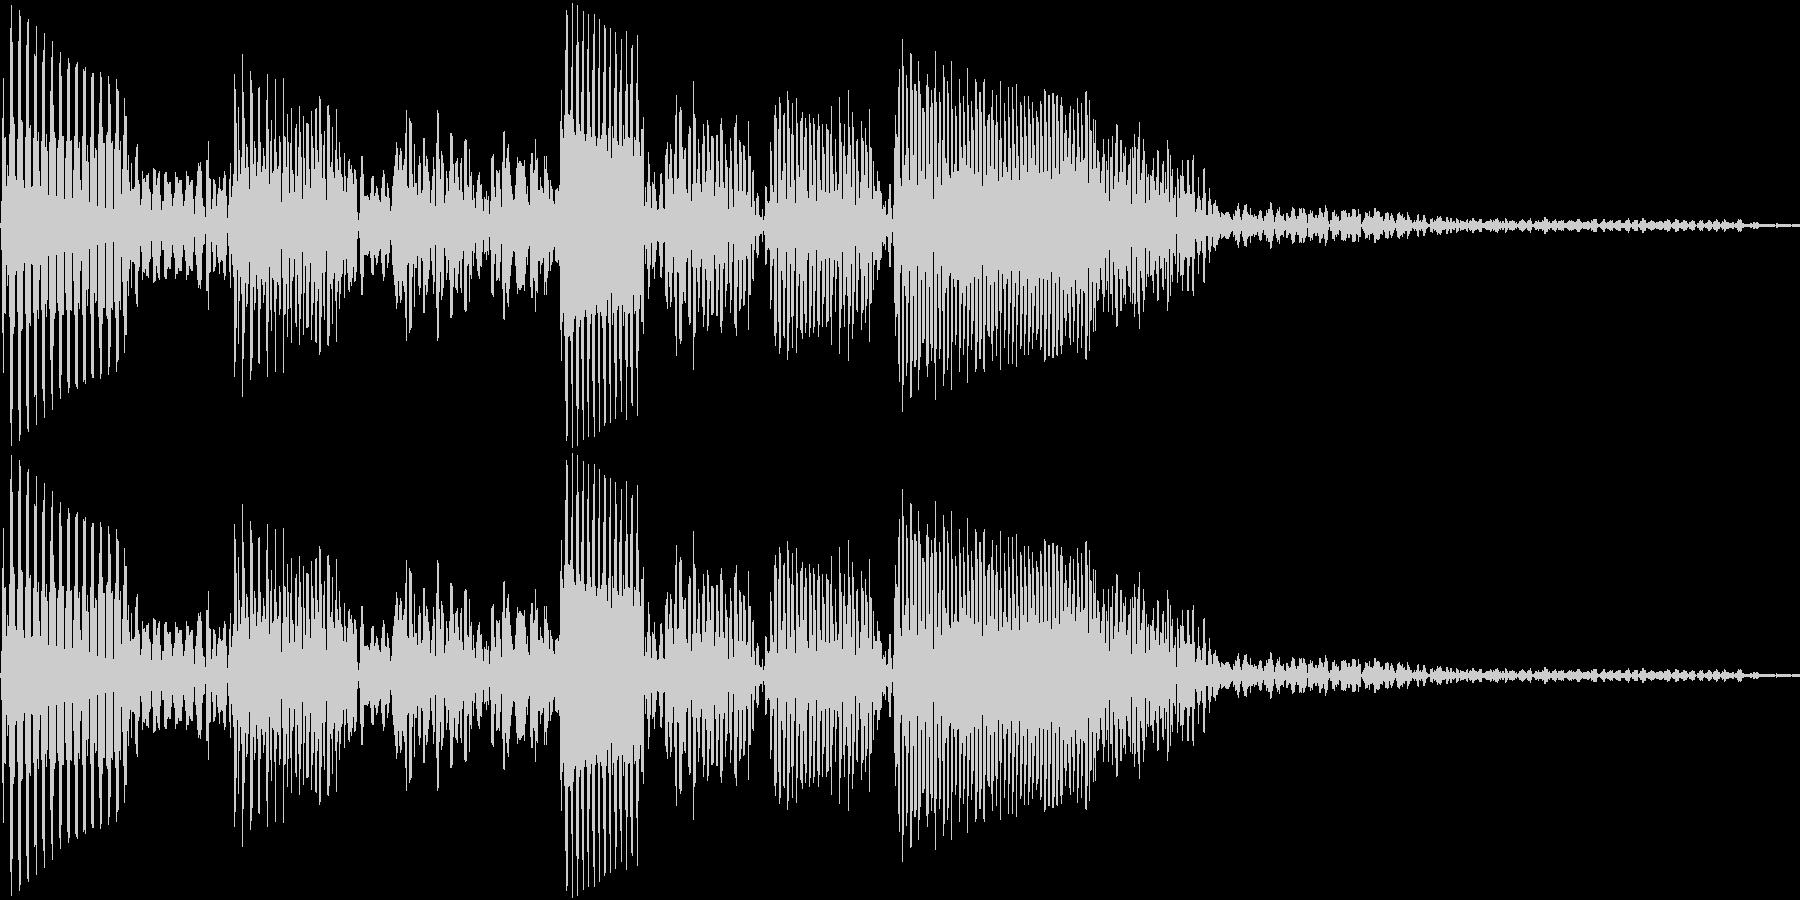 エレキベースのフレーズ1の未再生の波形